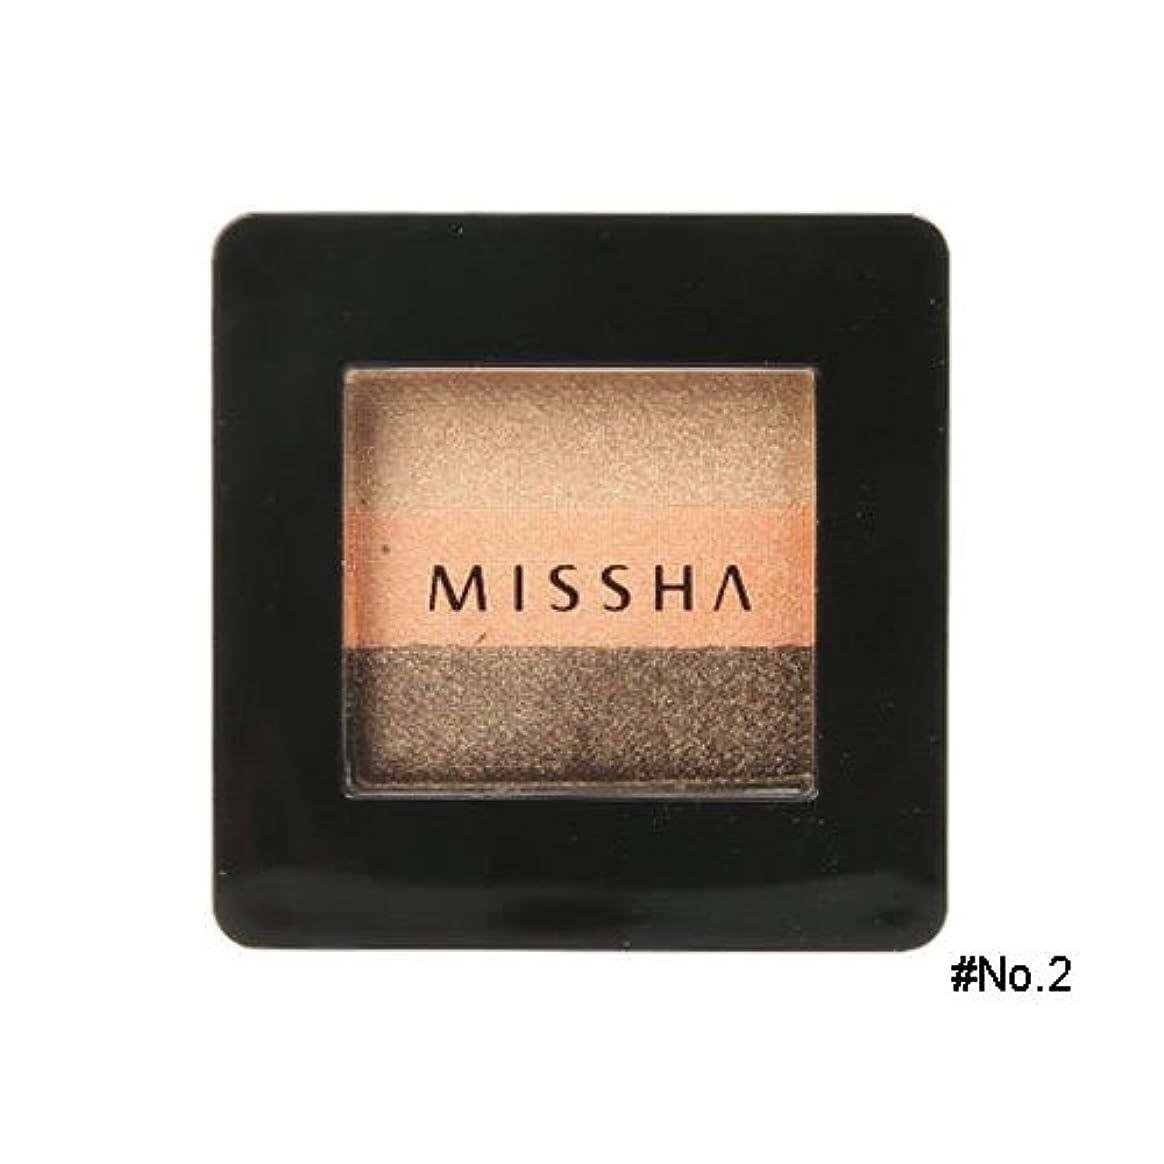 救援出会い契約するミシャ(MISSHA) トリプルシャドウ 2g No.2(ハニーオレンジ) [並行輸入品]